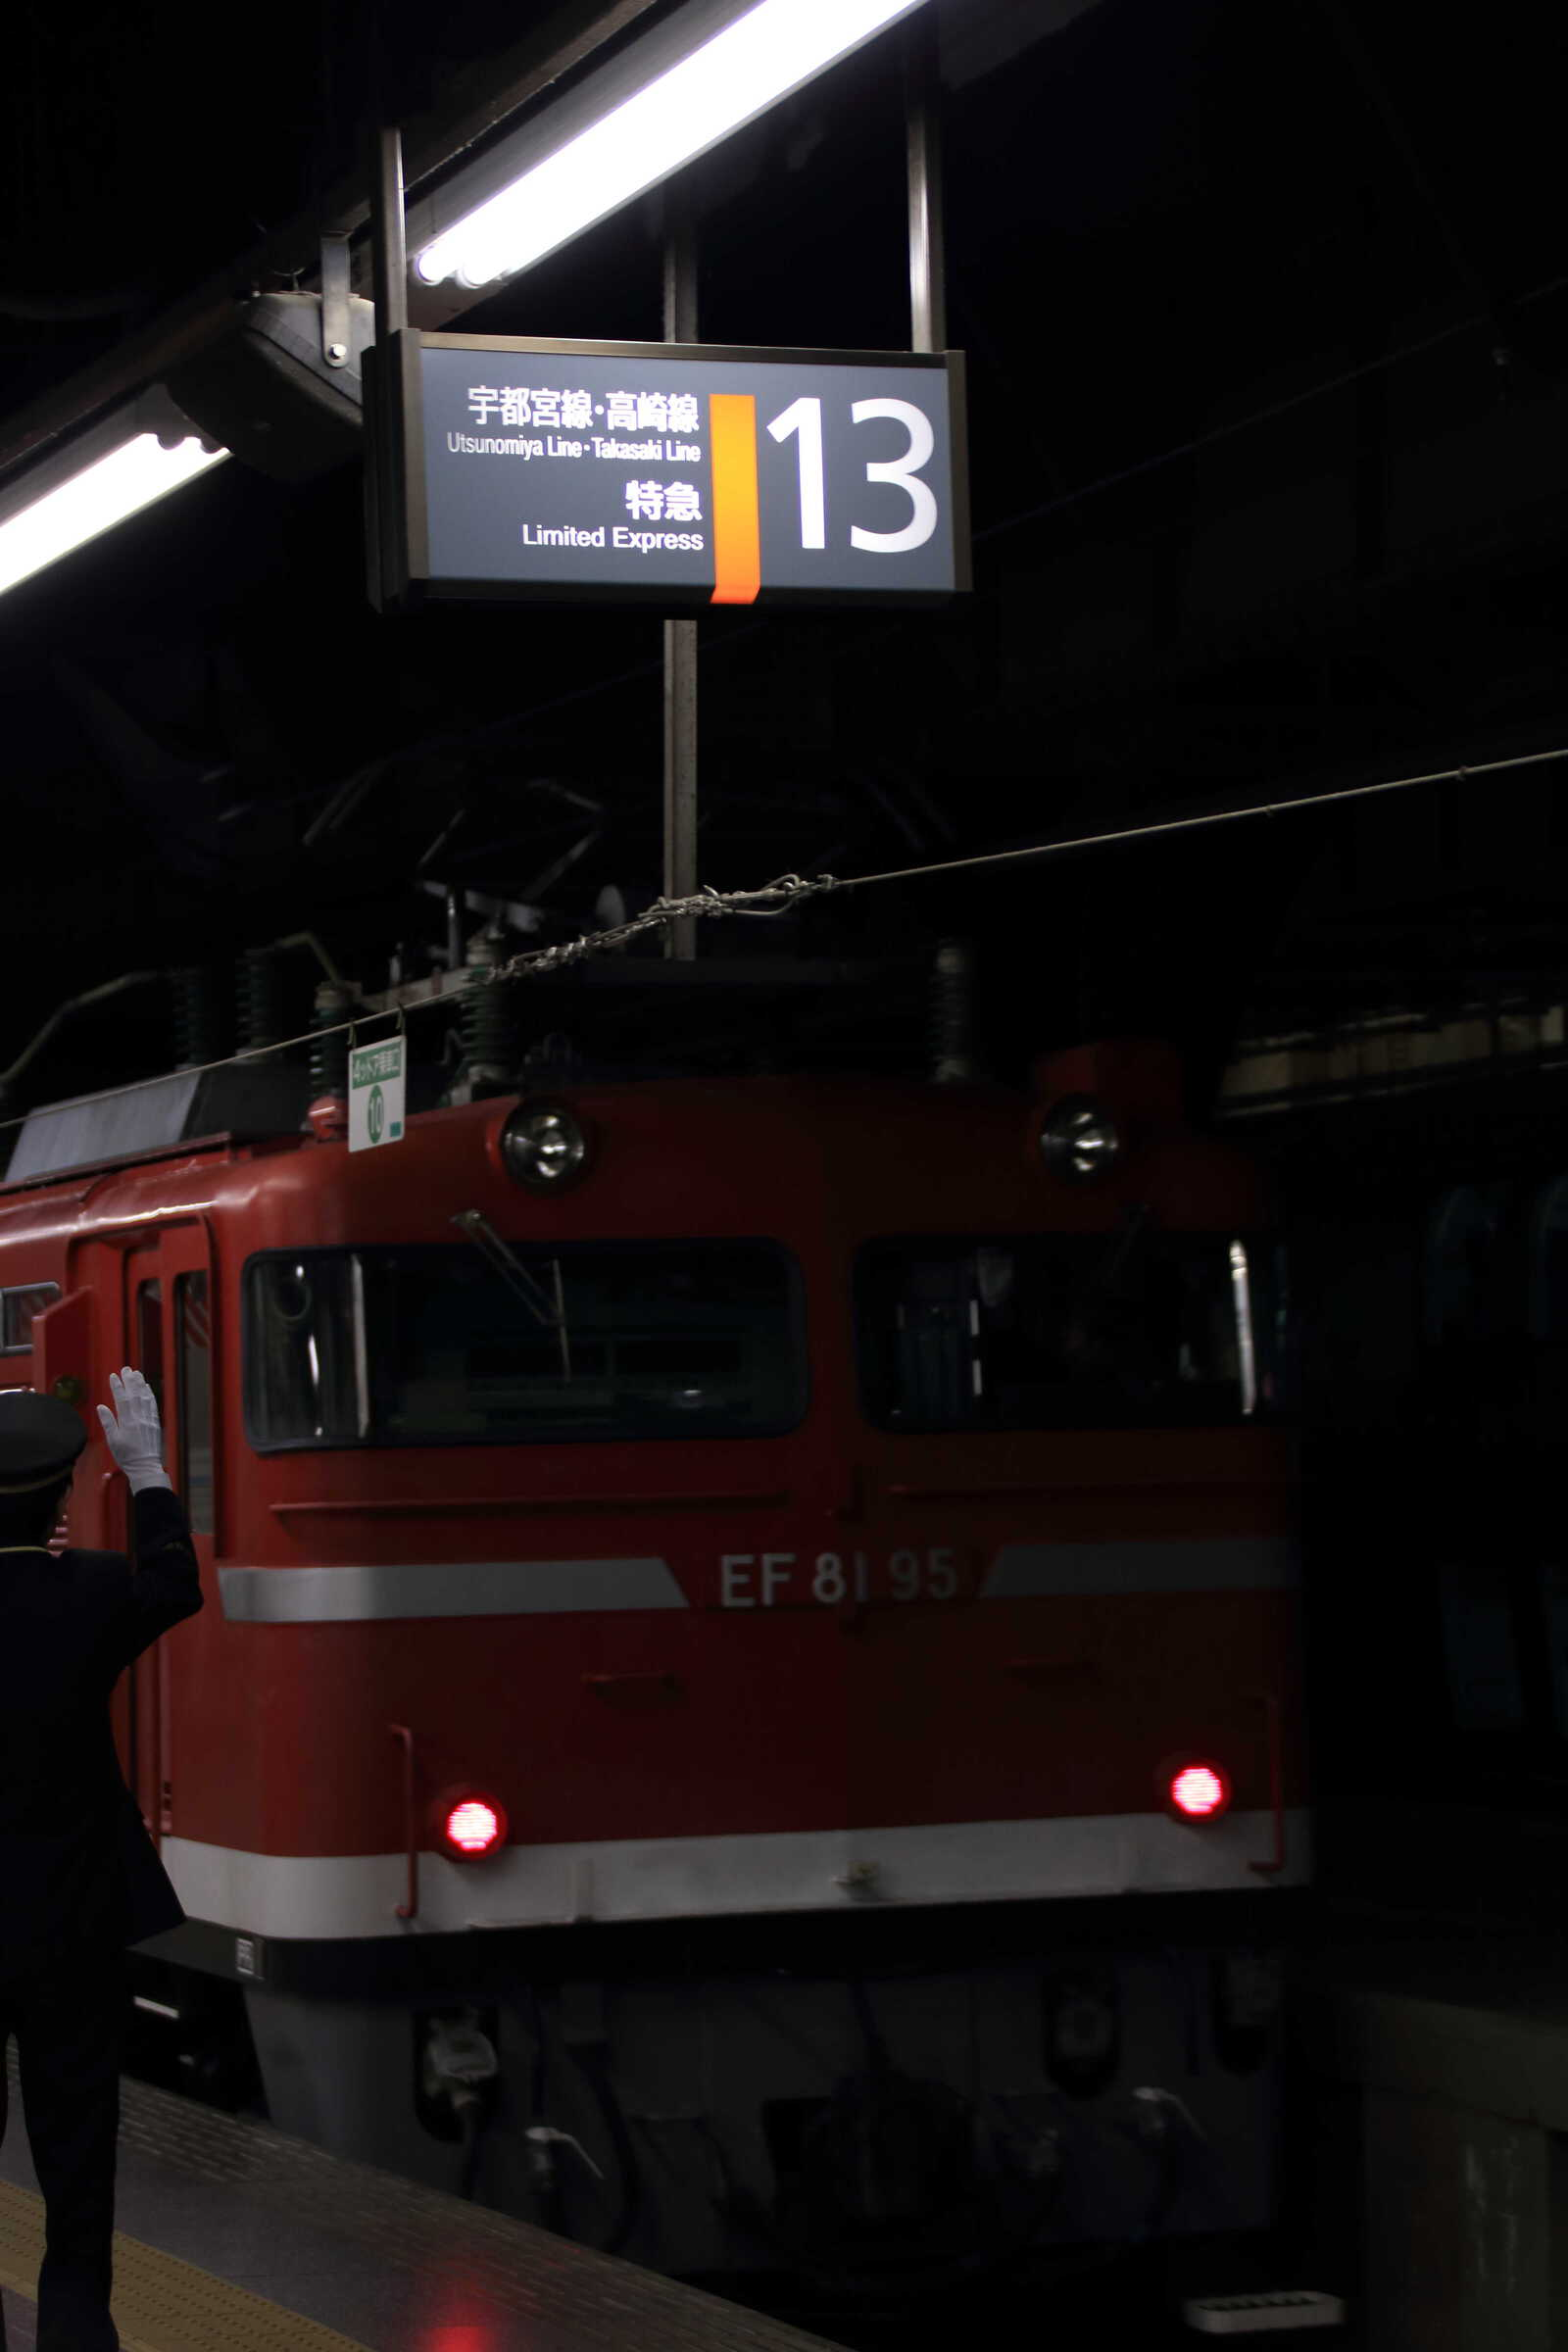 9012列車 団臨(東1227, 仙台→上野) カシオペアで行く仙台の旅(四季島クルー接客訓練) EF81-95①[田]+E26系 東オク車12両